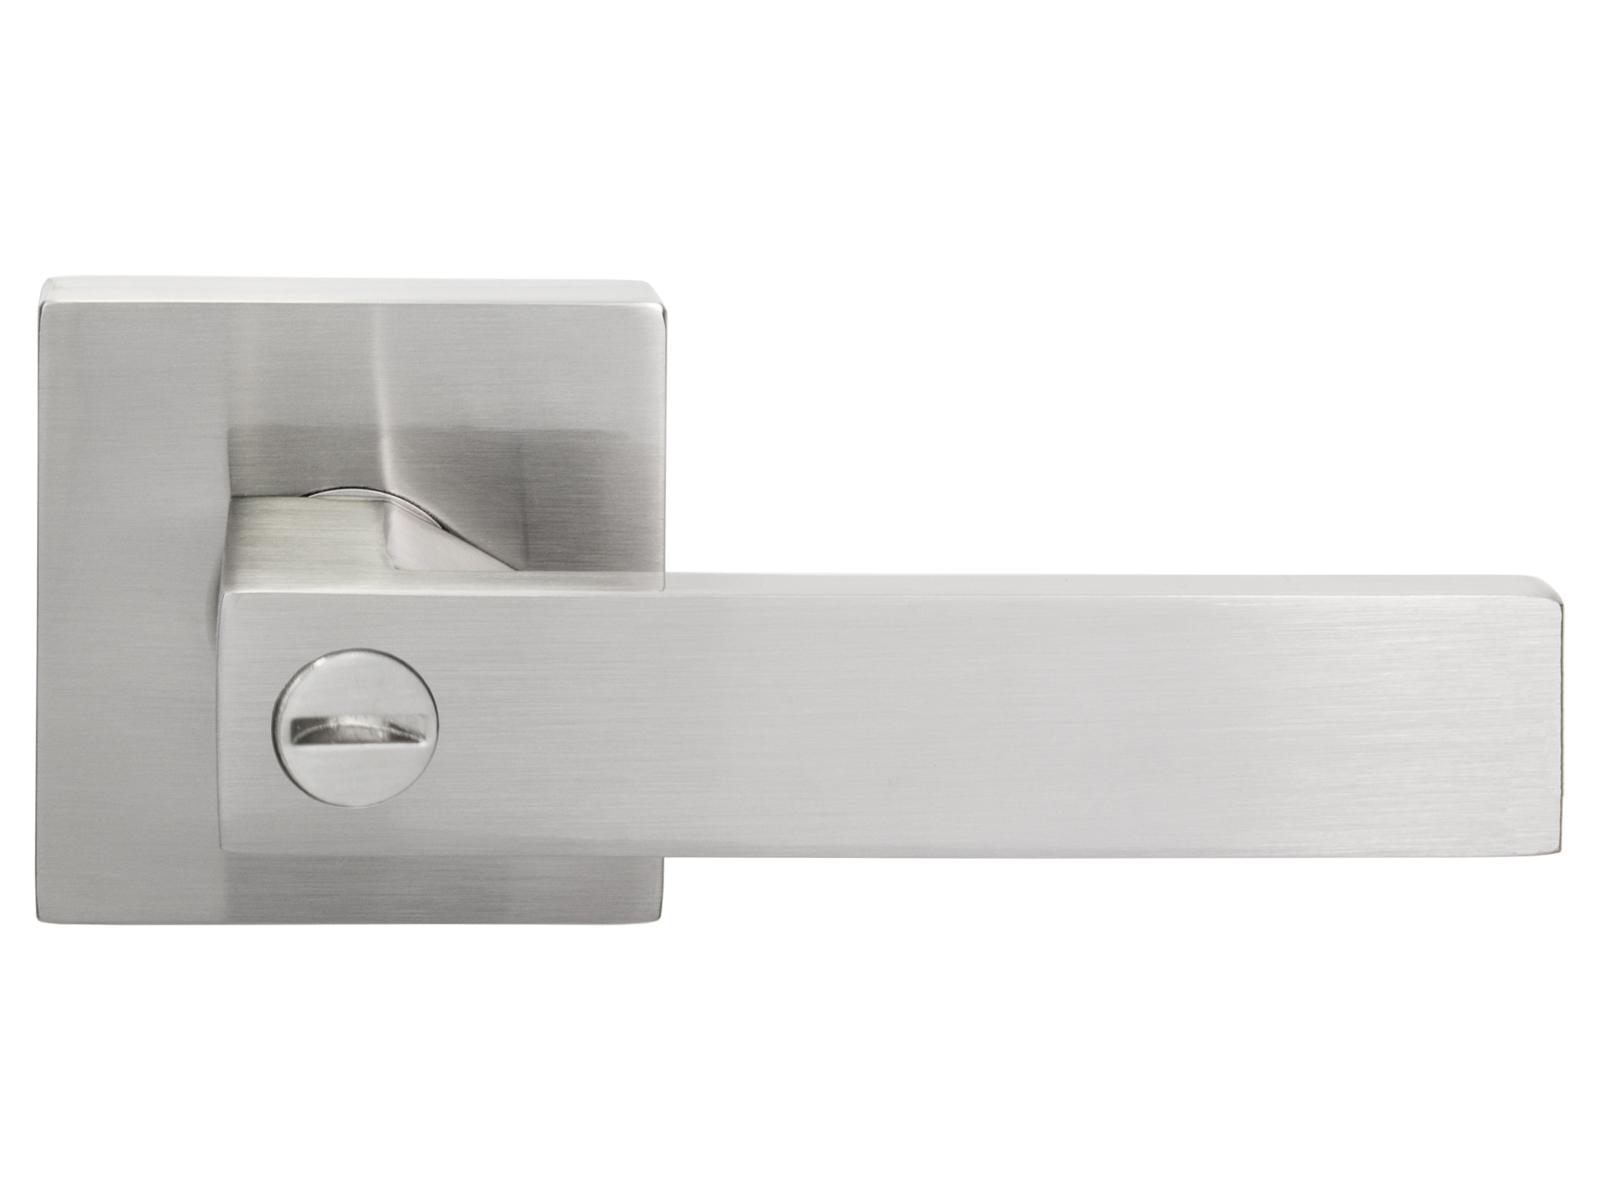 Quad Door Lever - Privacy